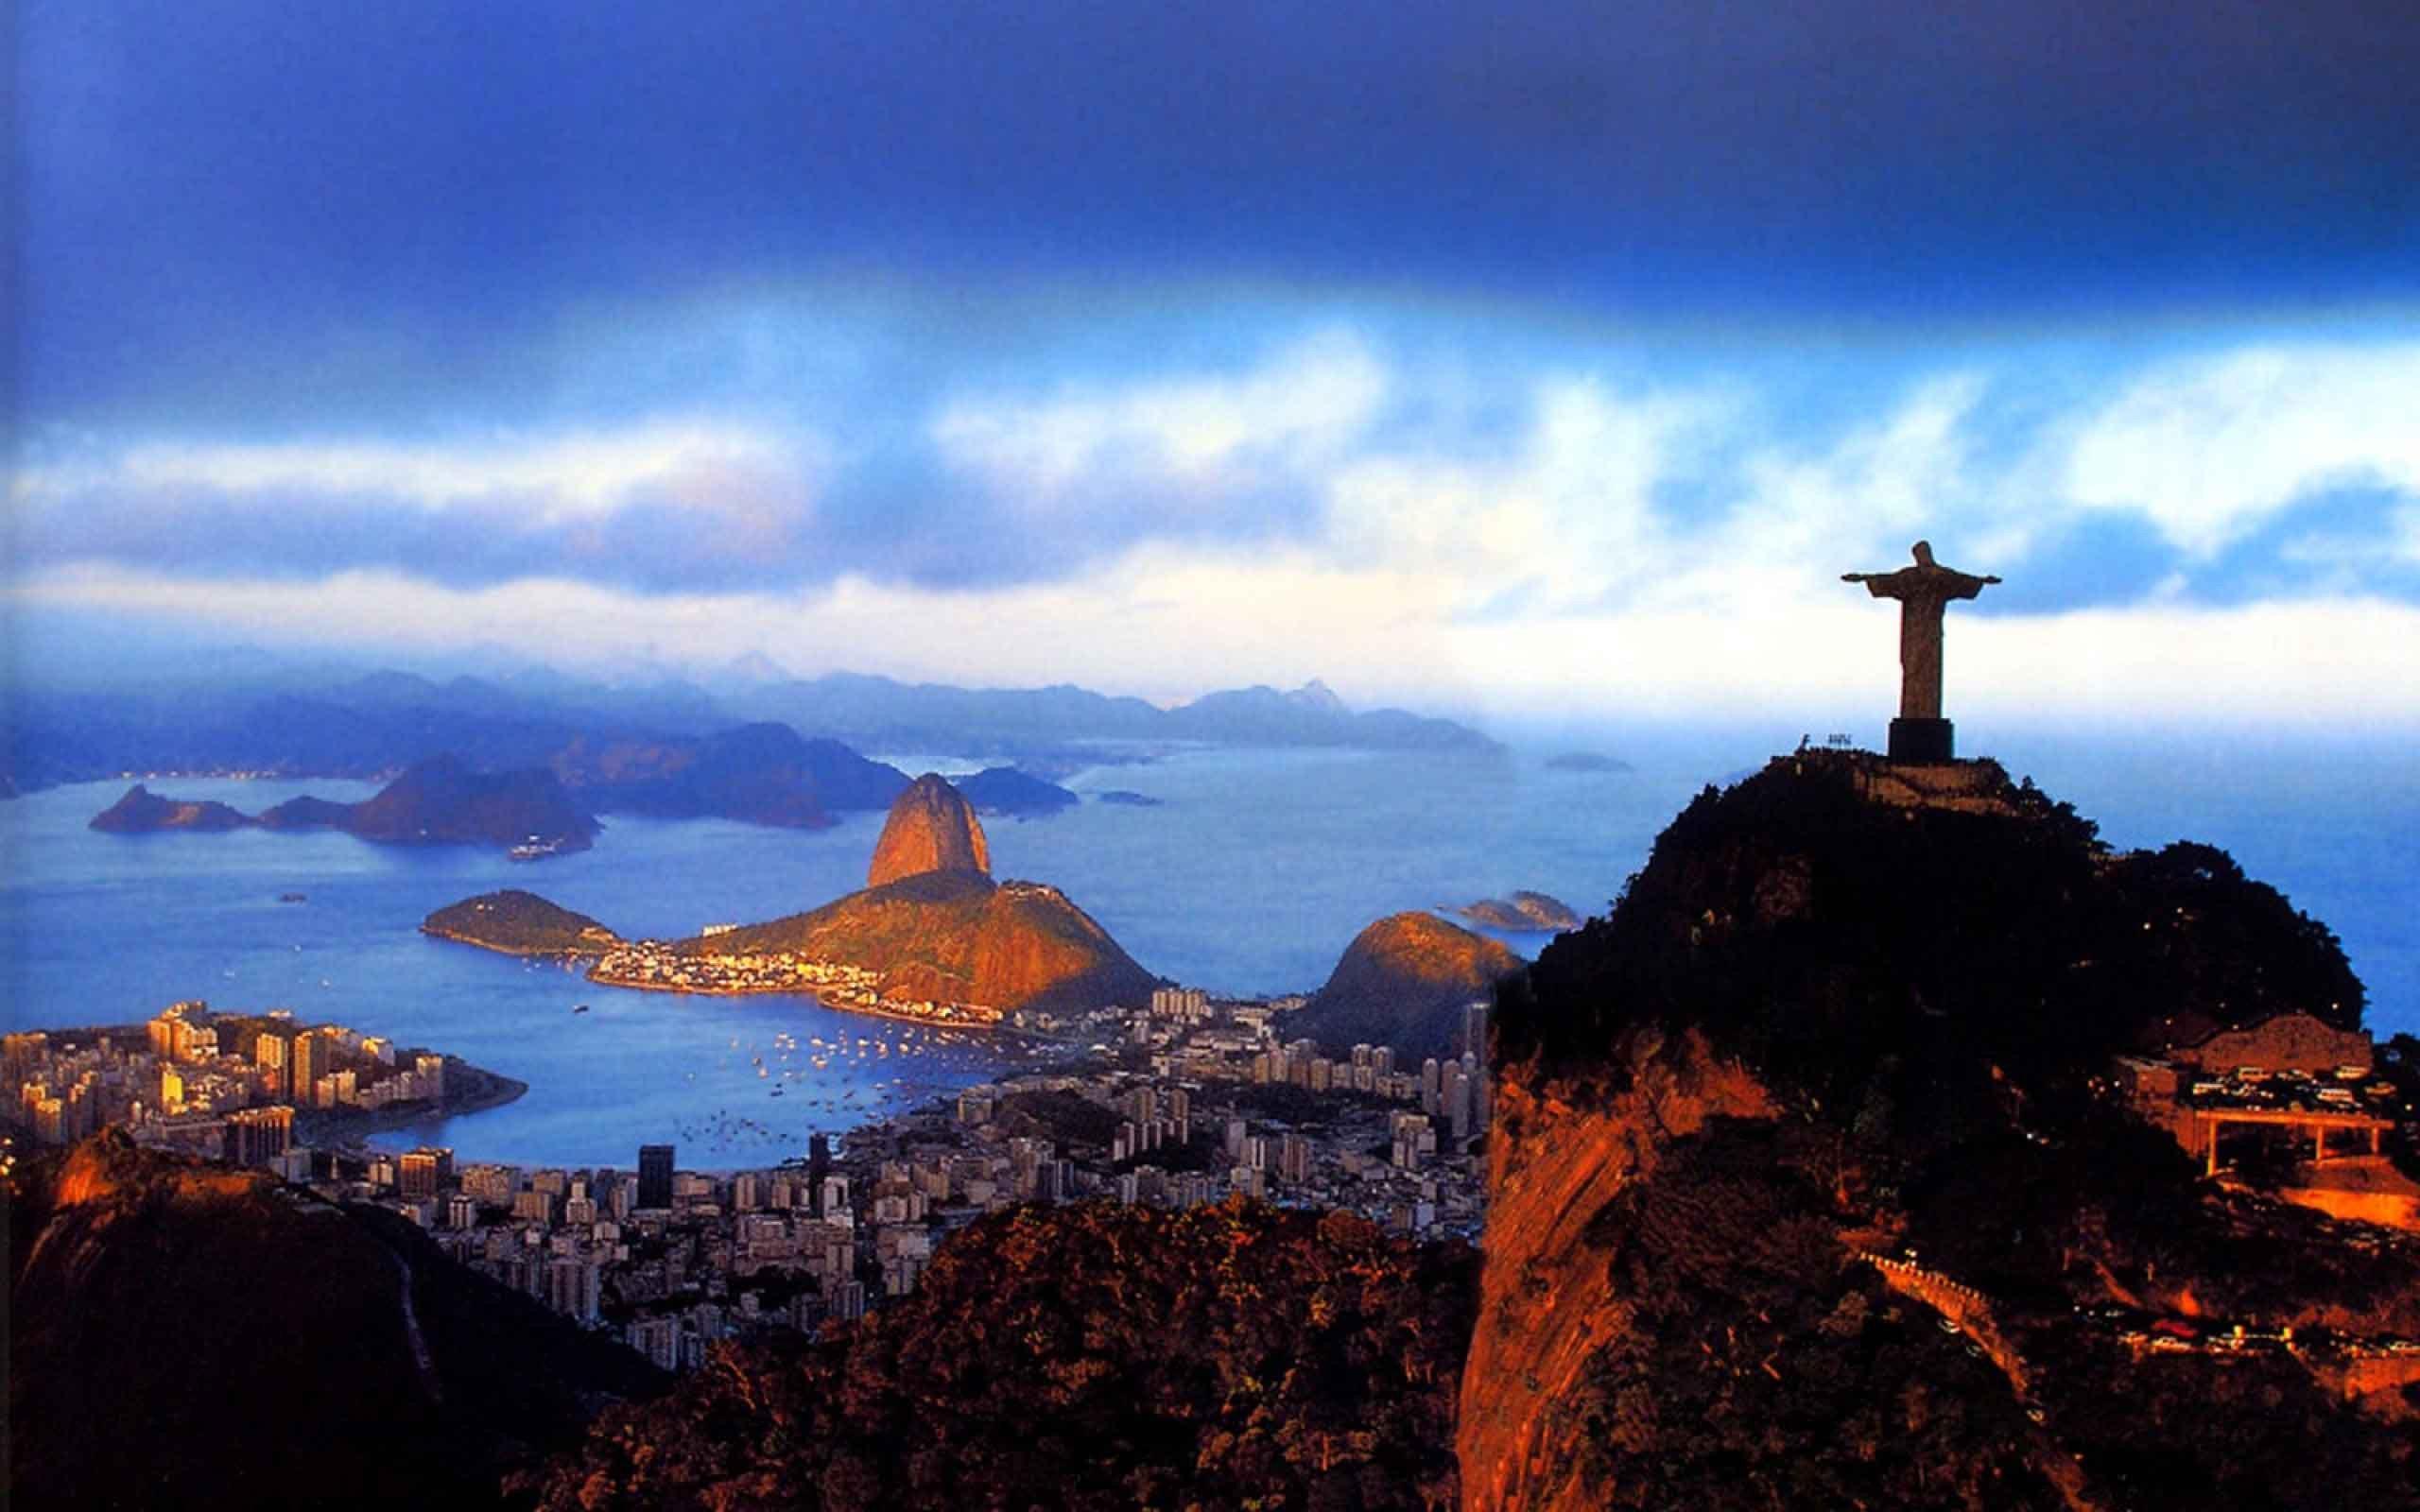 巴西风景竖屏壁纸